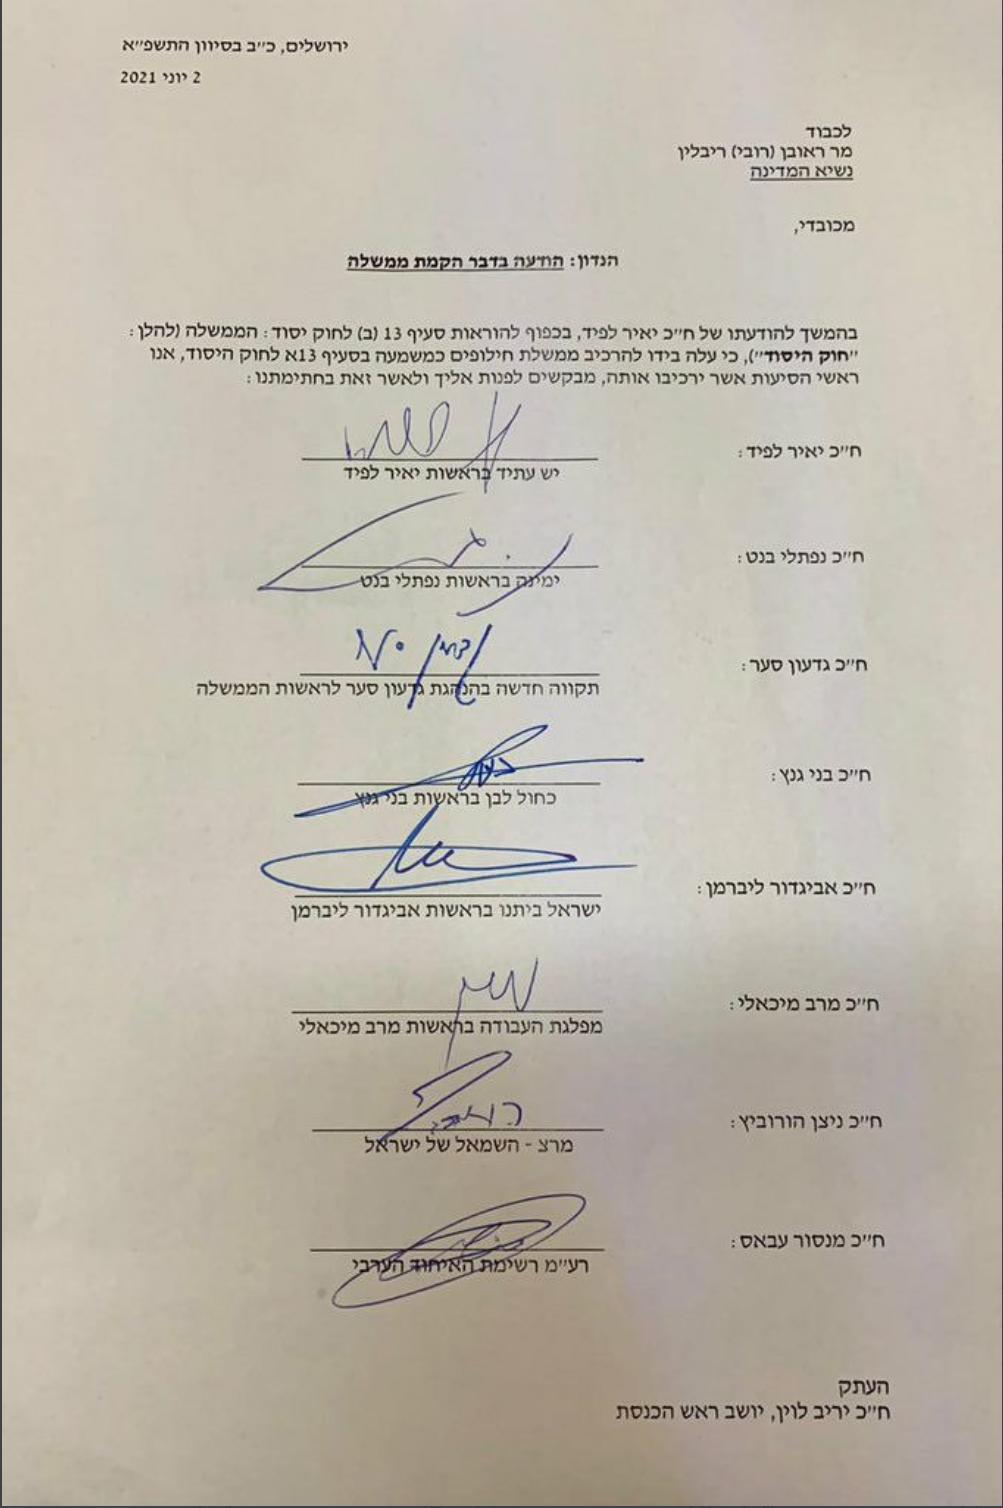 منصور عباس نے نئی اسرائیلی حکومت میں  معاہدے پر دستخط کردیئے